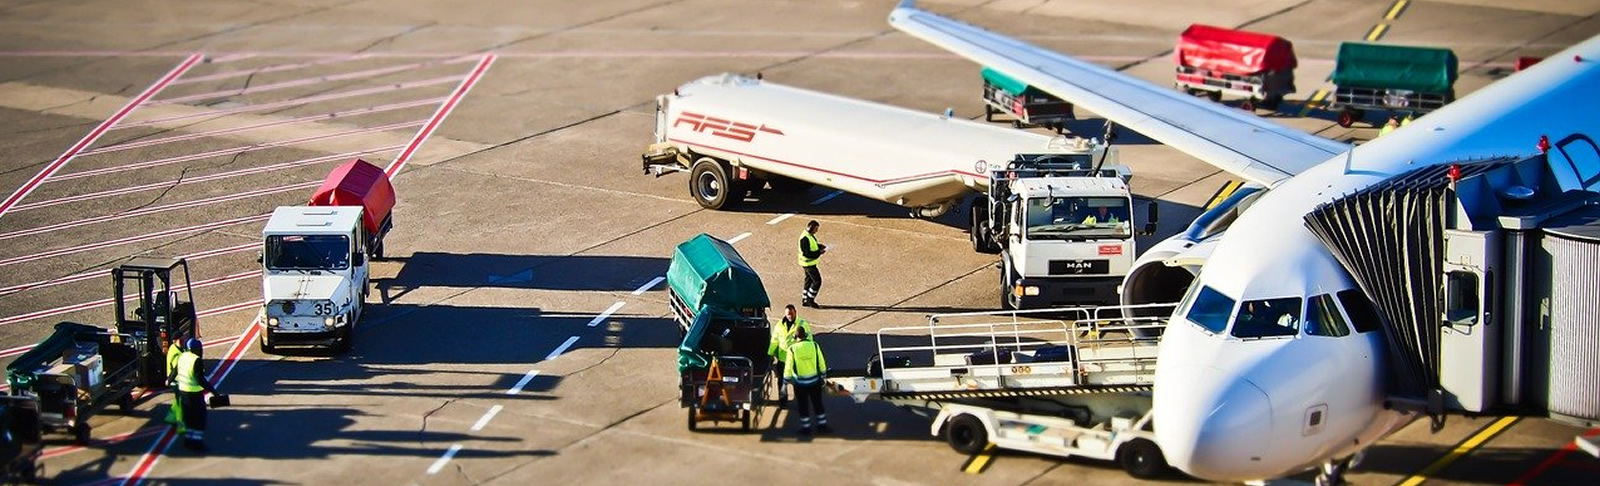 Hitech Air Cargo Services